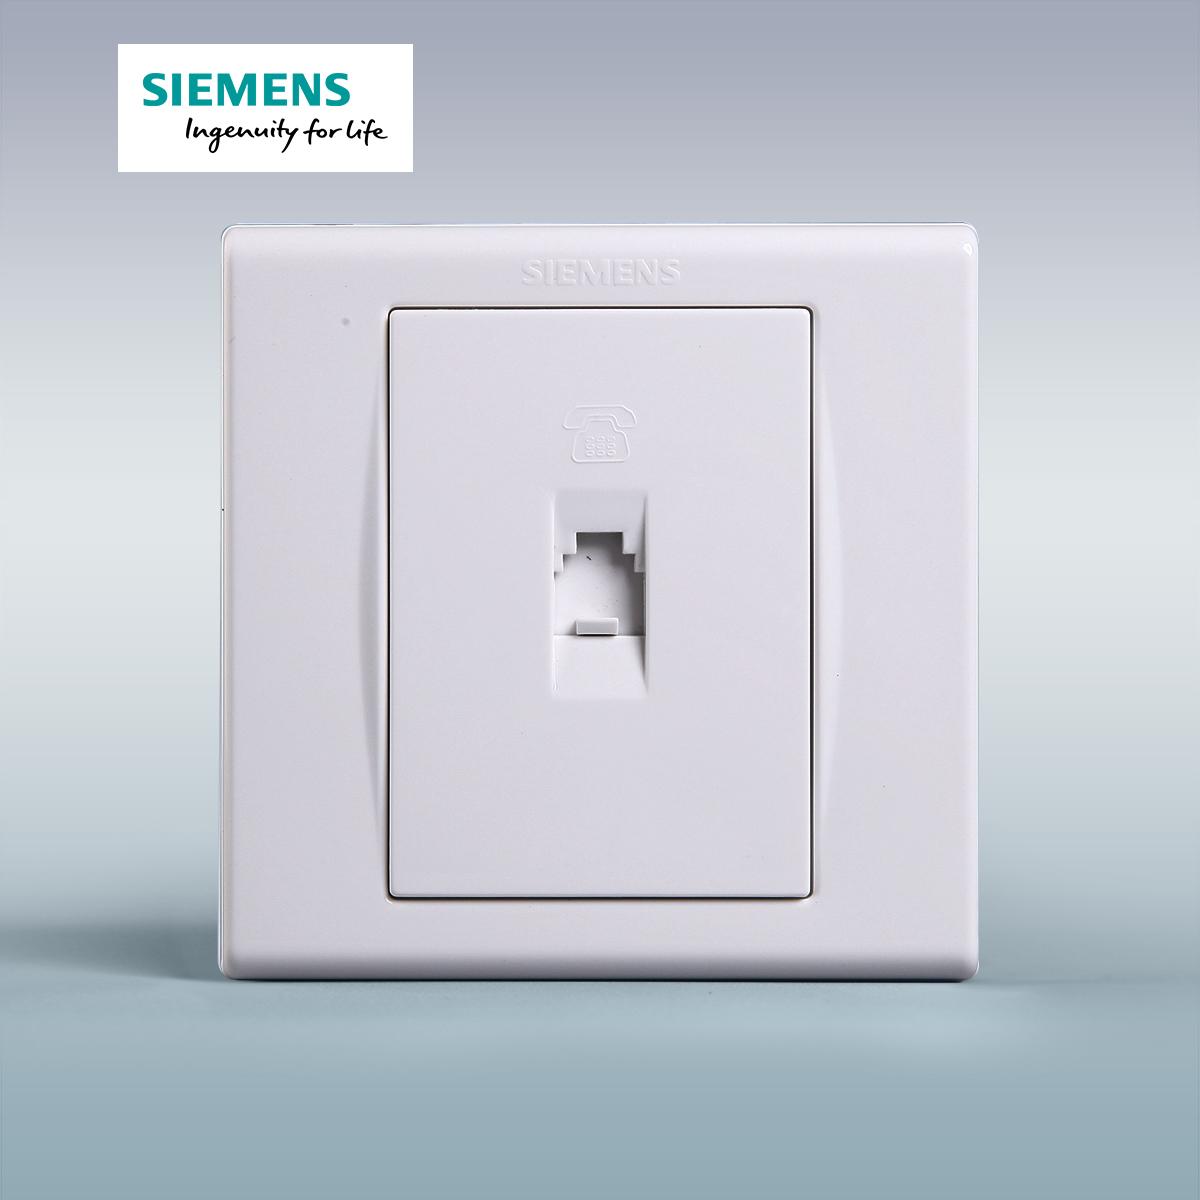 西门子开关插座面板品宜雅白墙壁86型一位电话插座面板官方旗舰店